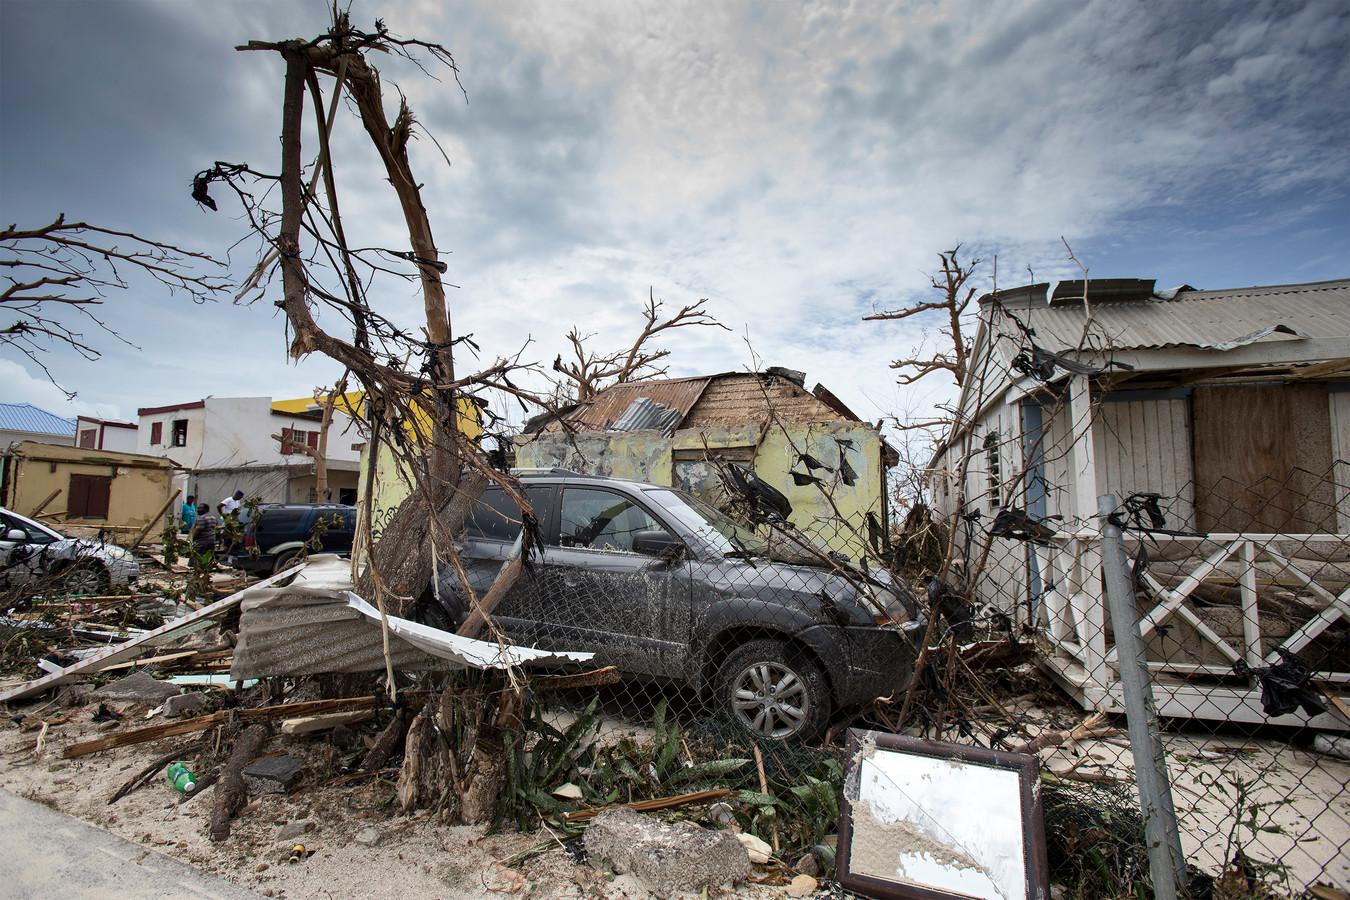 Ravage na orkaan Irma op Sint-Maarten. Beeld uit 2017.